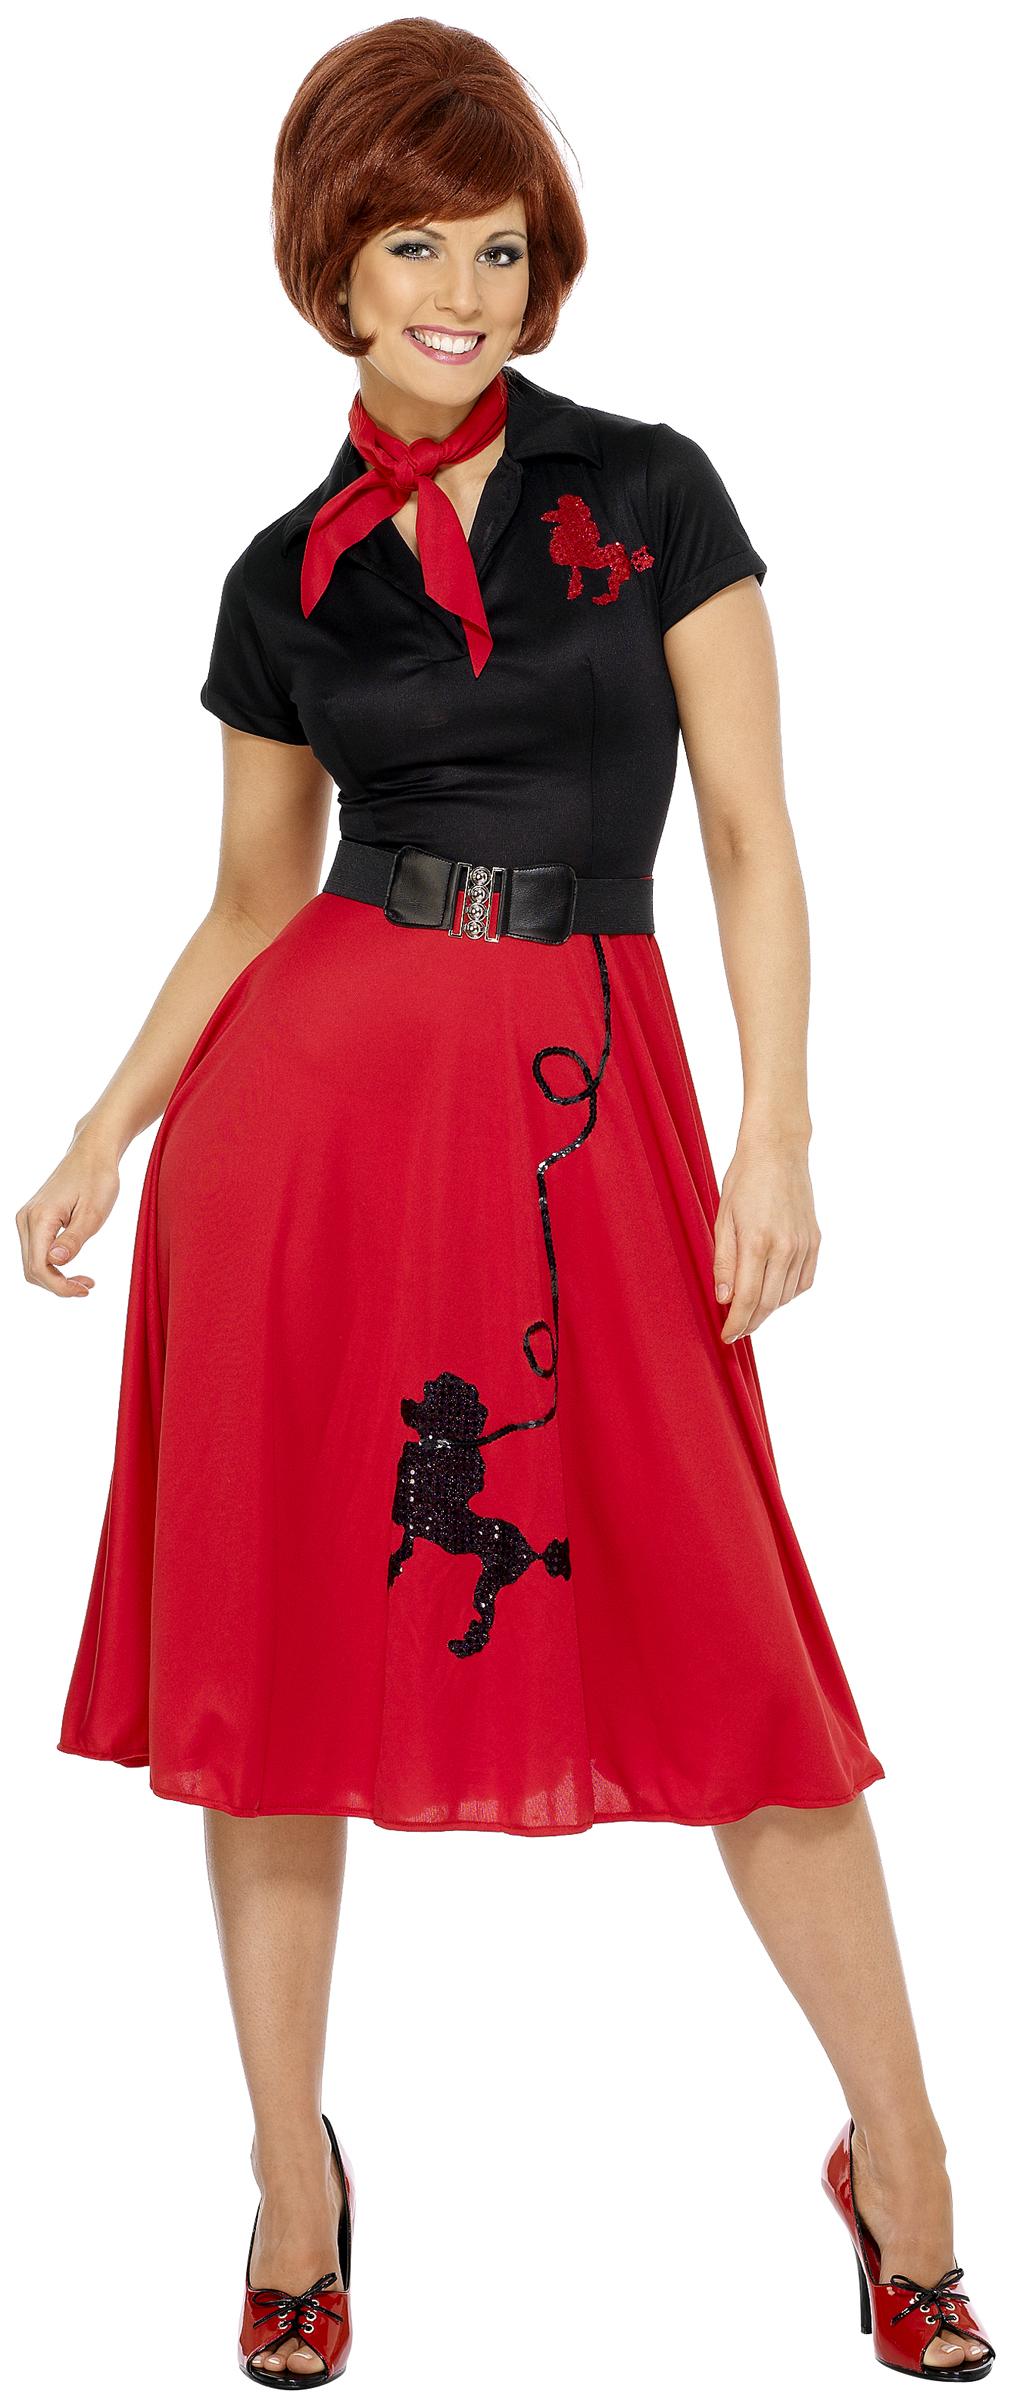 Rocku0026#39;nu0026#39;roll jaren 50 outfit voor vrouwen  Volwassenen Kostuumsen goedkope carnavalskleding ...